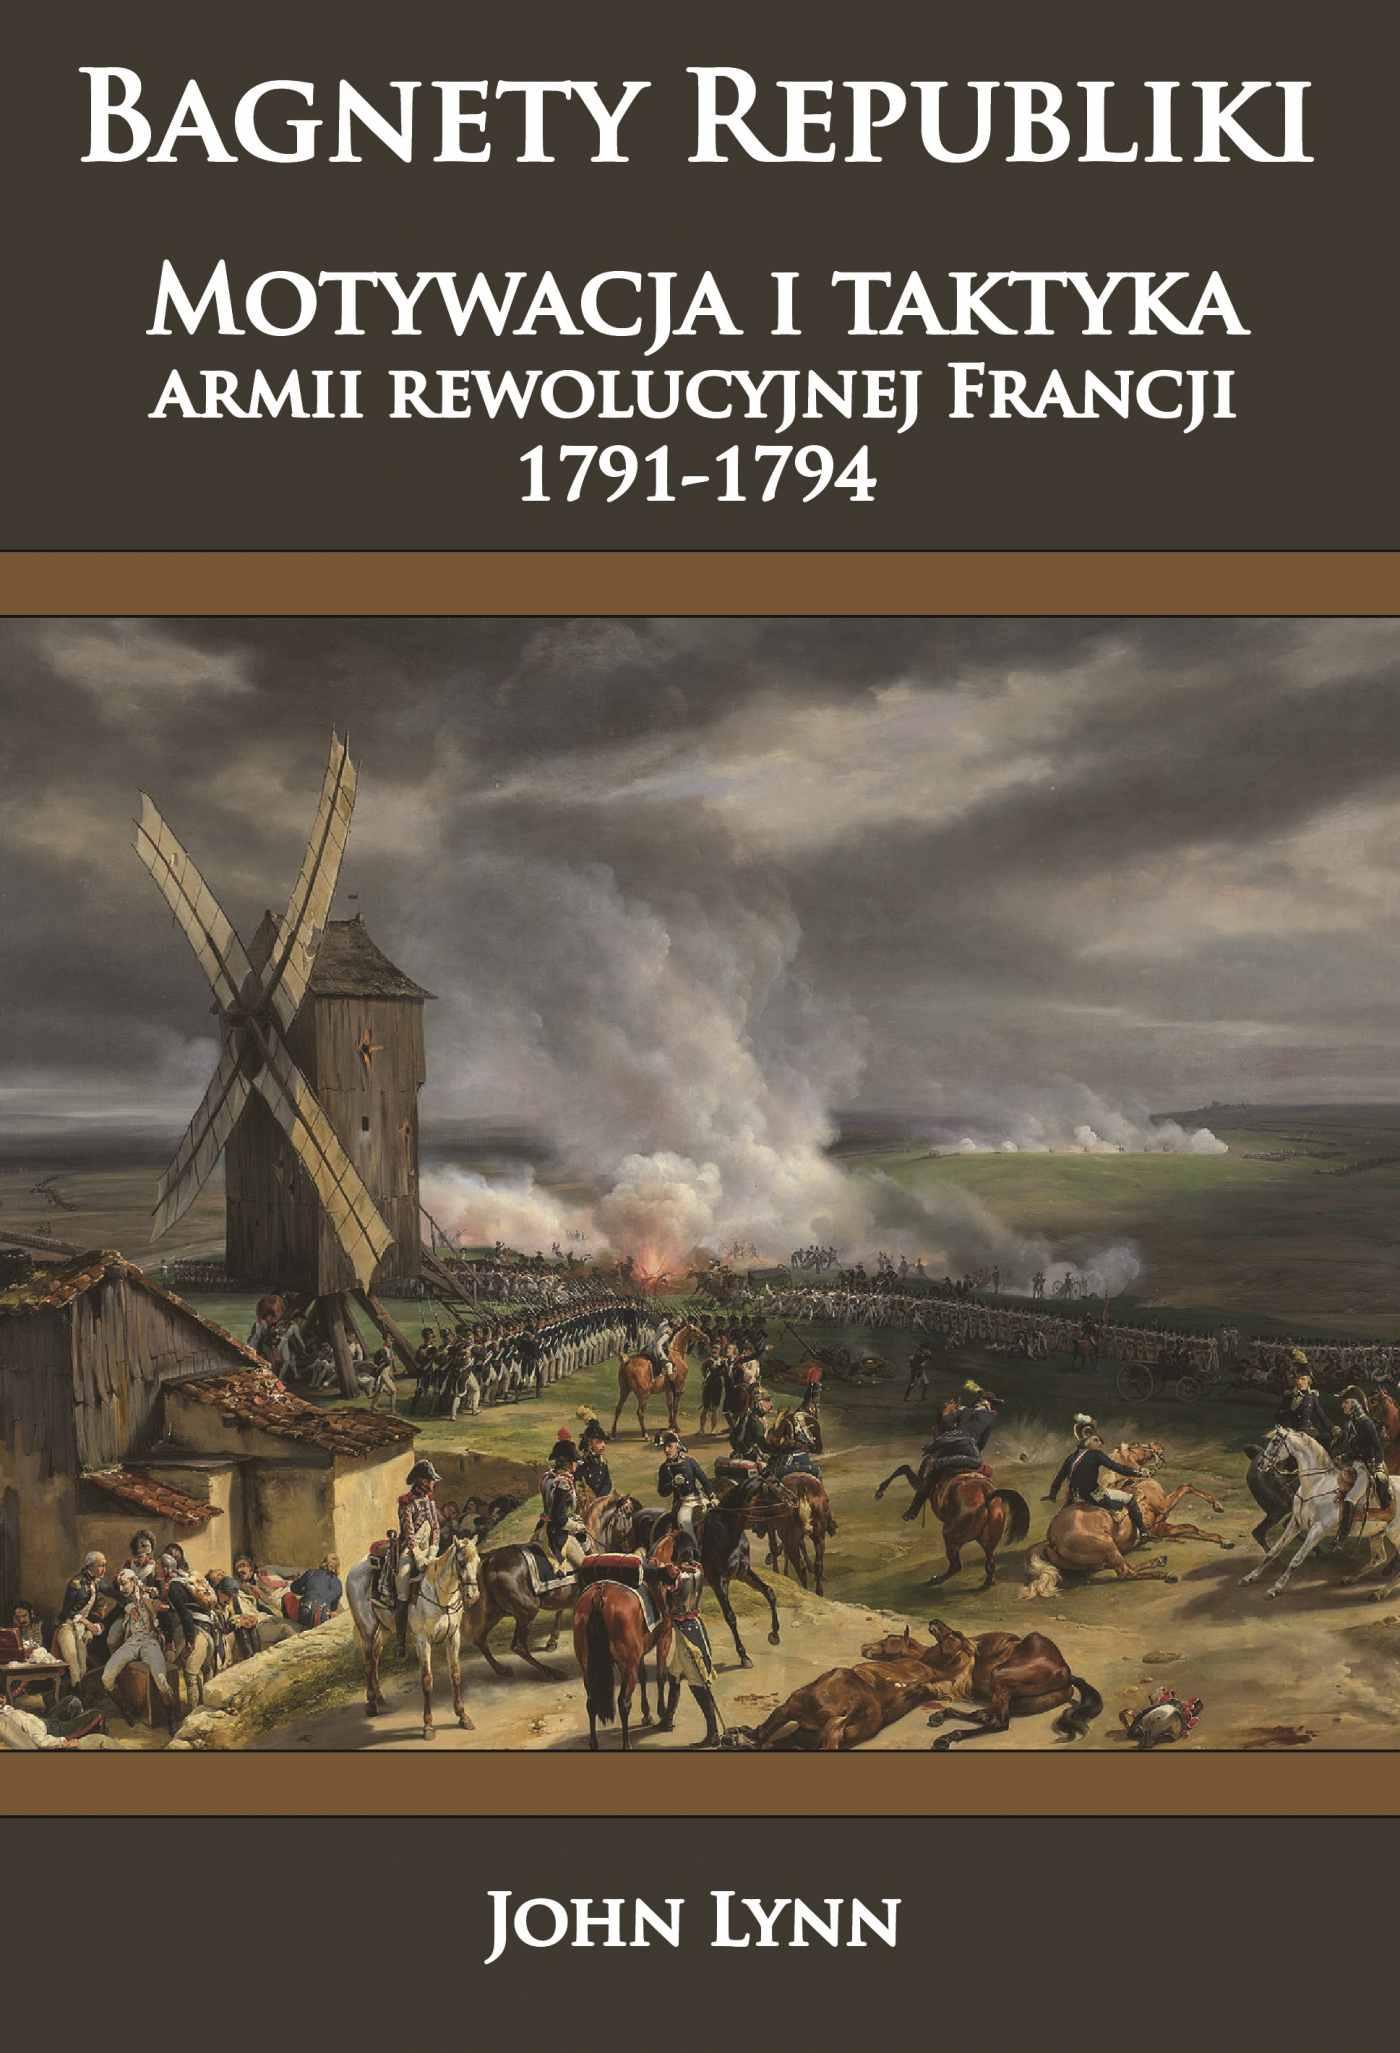 Bagnety Republiki. Motywacja i taktyka armii rewolucyjnej Francji 1791-1794 - Ebook (Książka na Kindle) do pobrania w formacie MOBI